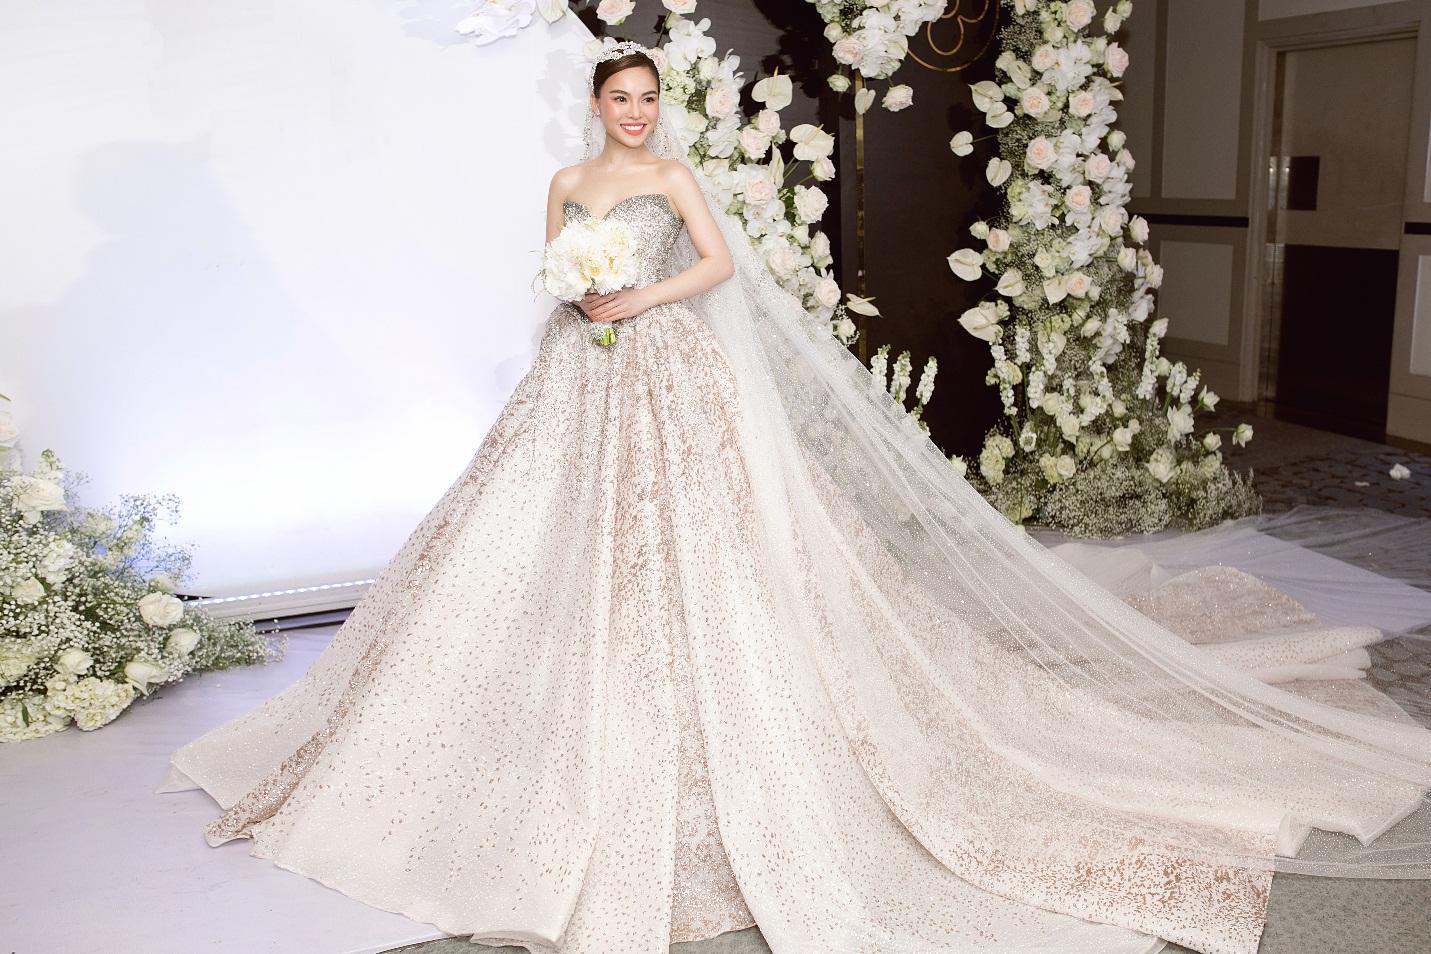 Ba mẫu váy cưới Hacchic Couture thực hiện cho Giang Hồng Ngọc kèm thông điệp ý nghĩa bất ngờ - Ảnh 5.